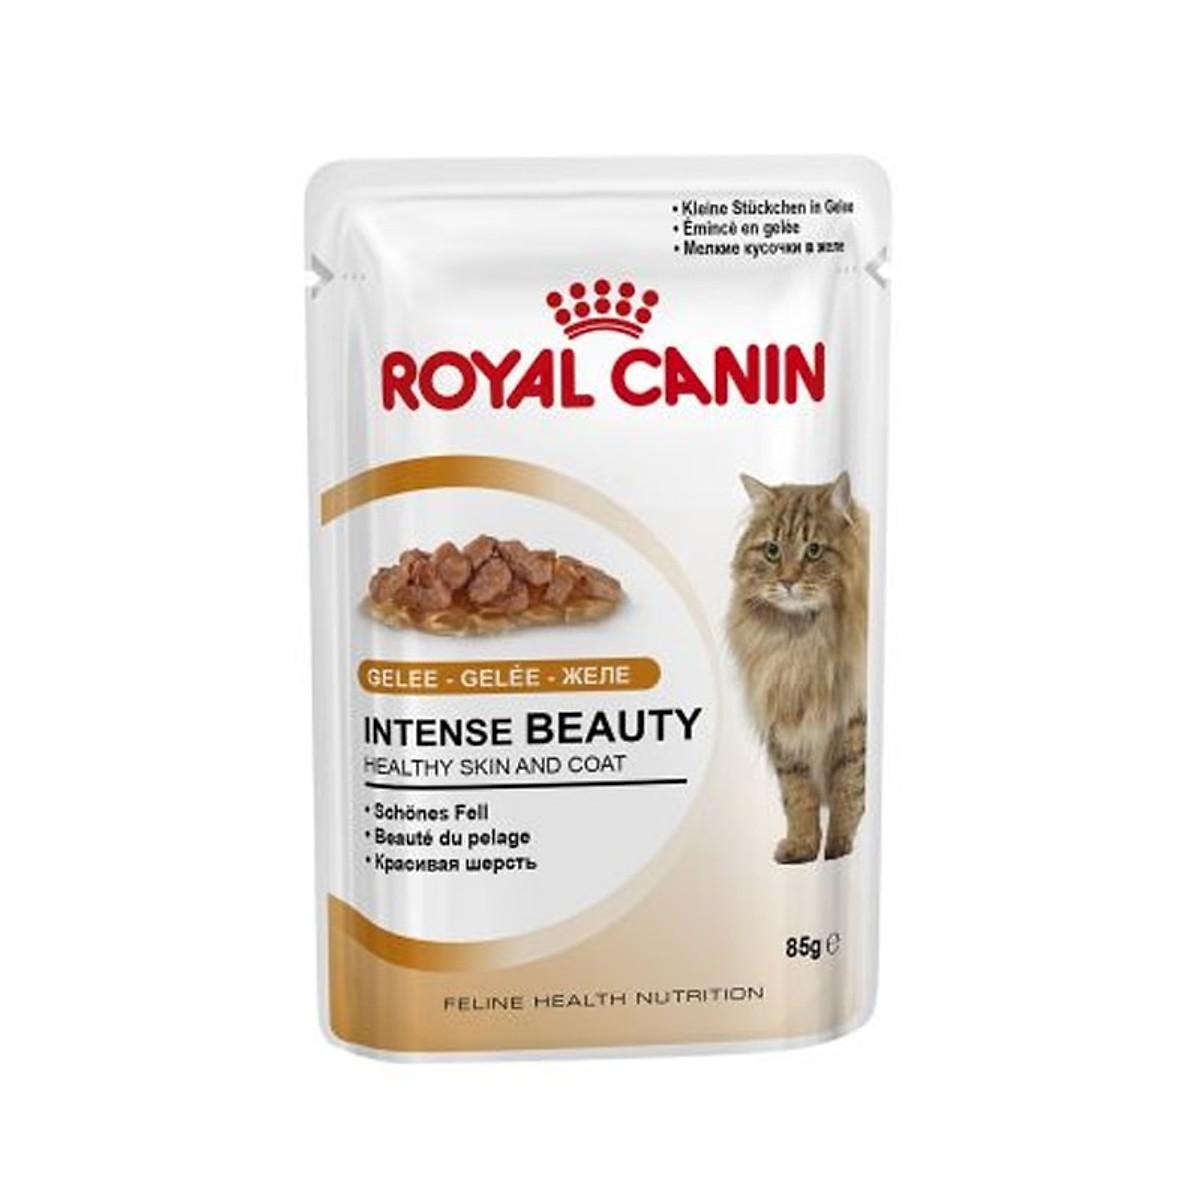 Pate ROYAL CANIN INTENSE BEAUTY Lông Khỏe Đẹp 85g (12 gói)